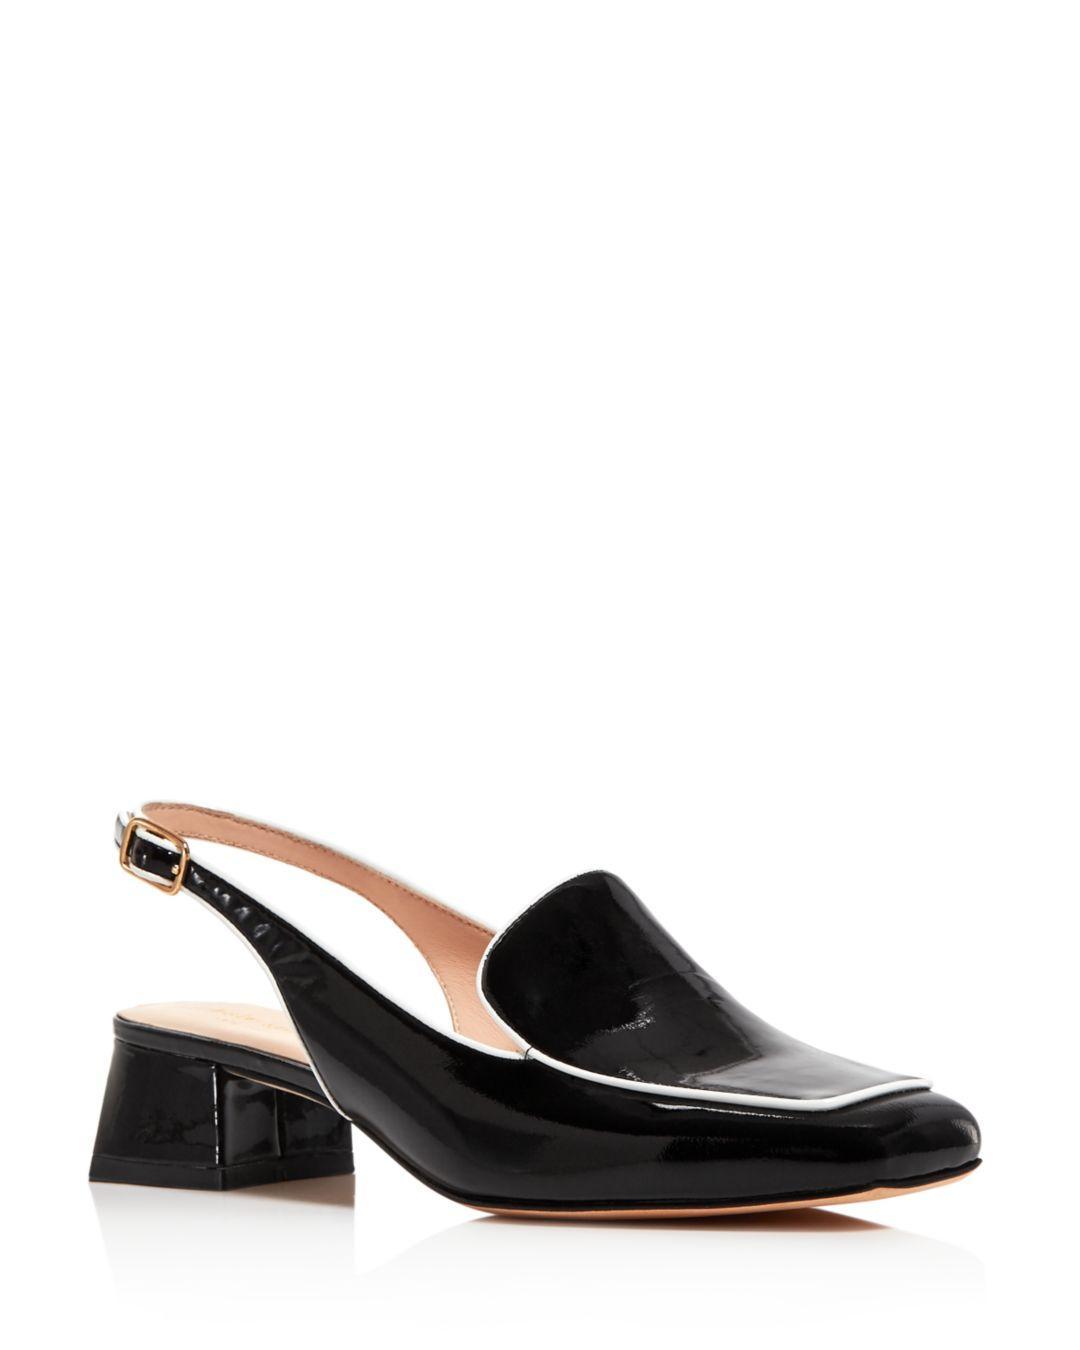 12e3d0a8b77 Lyst - Kate Spade Women s Sahiba Block Heel Slingback Loafers in Black